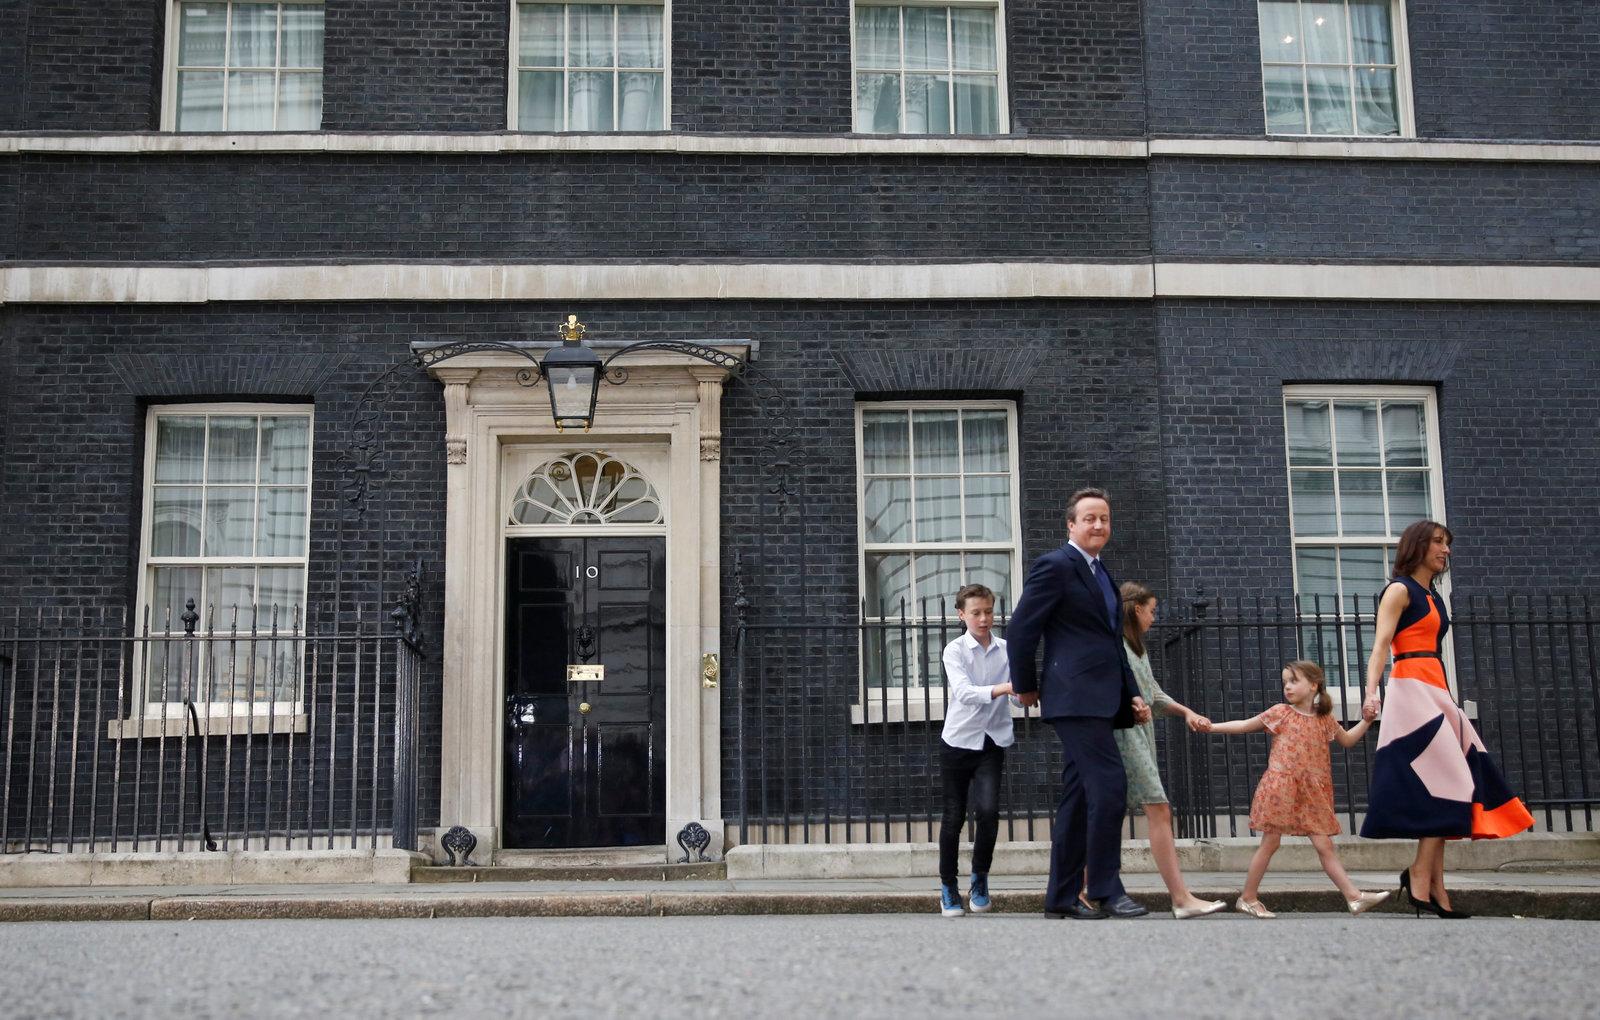 7 月 13 日,卡梅倫離任英國首相,與妻兒步出唐寧街 10 號。